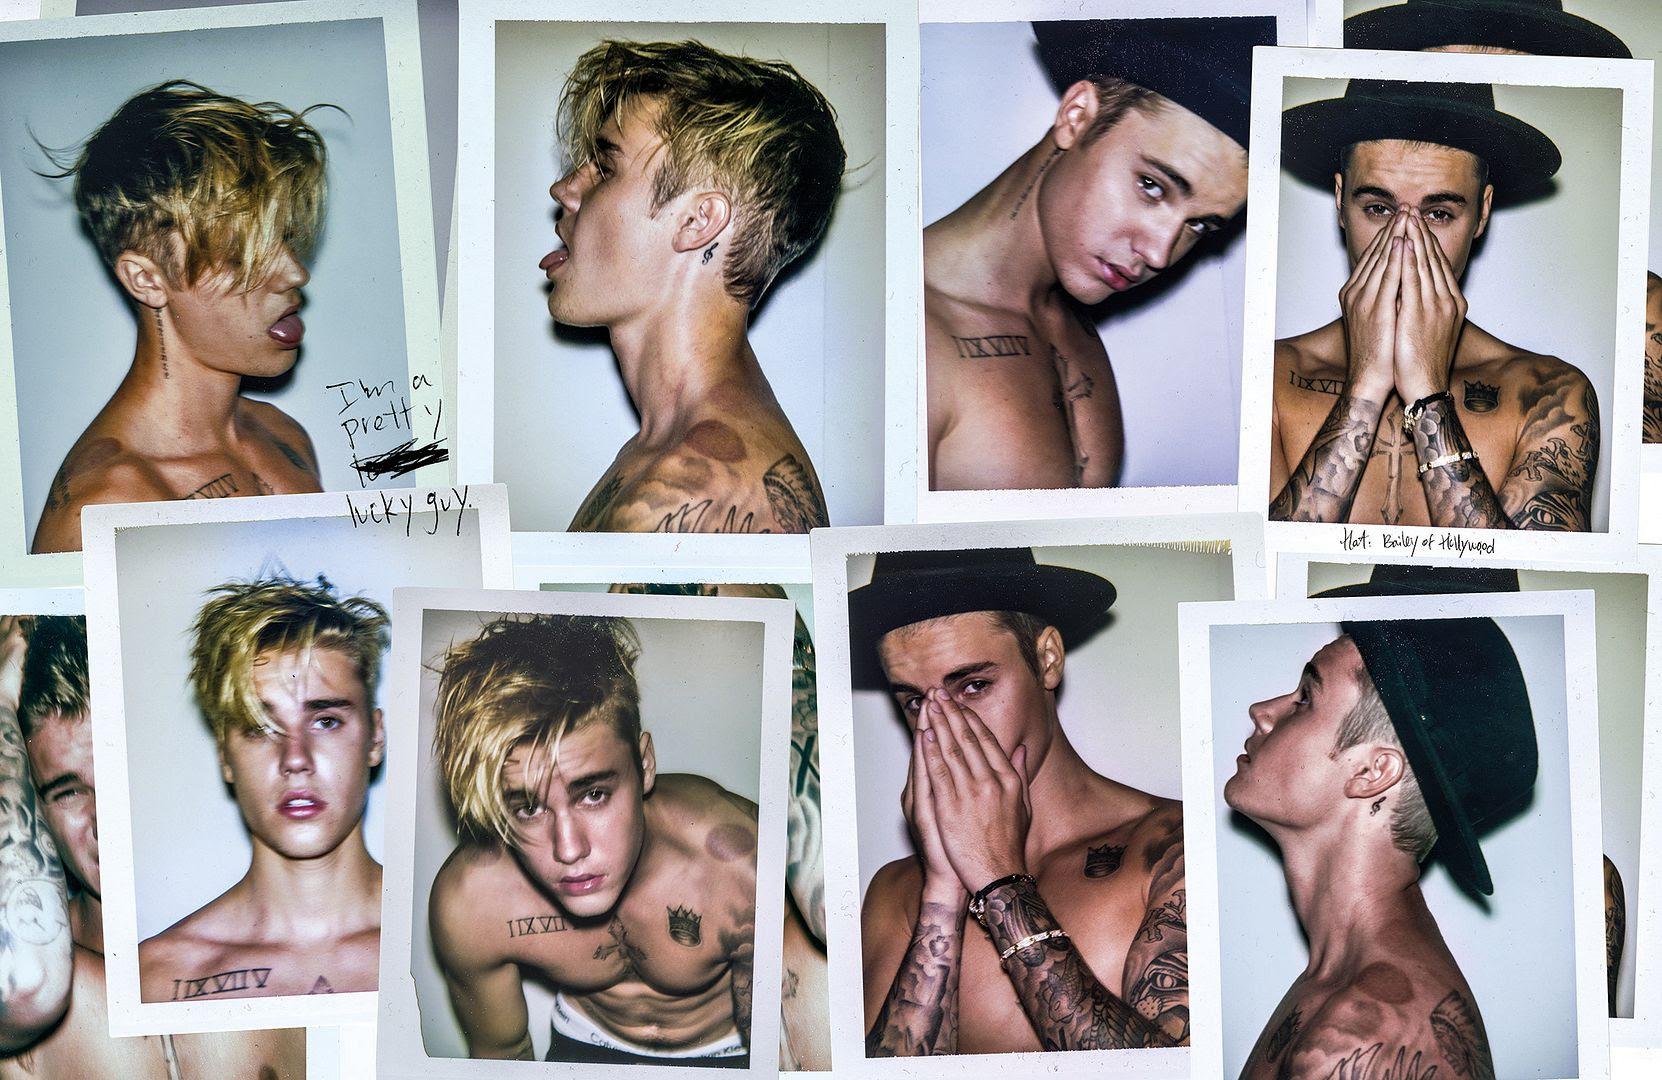 Justin Bieber : Interview (August 2015) photo 1436962535_justin-bieber-zoom.jpg